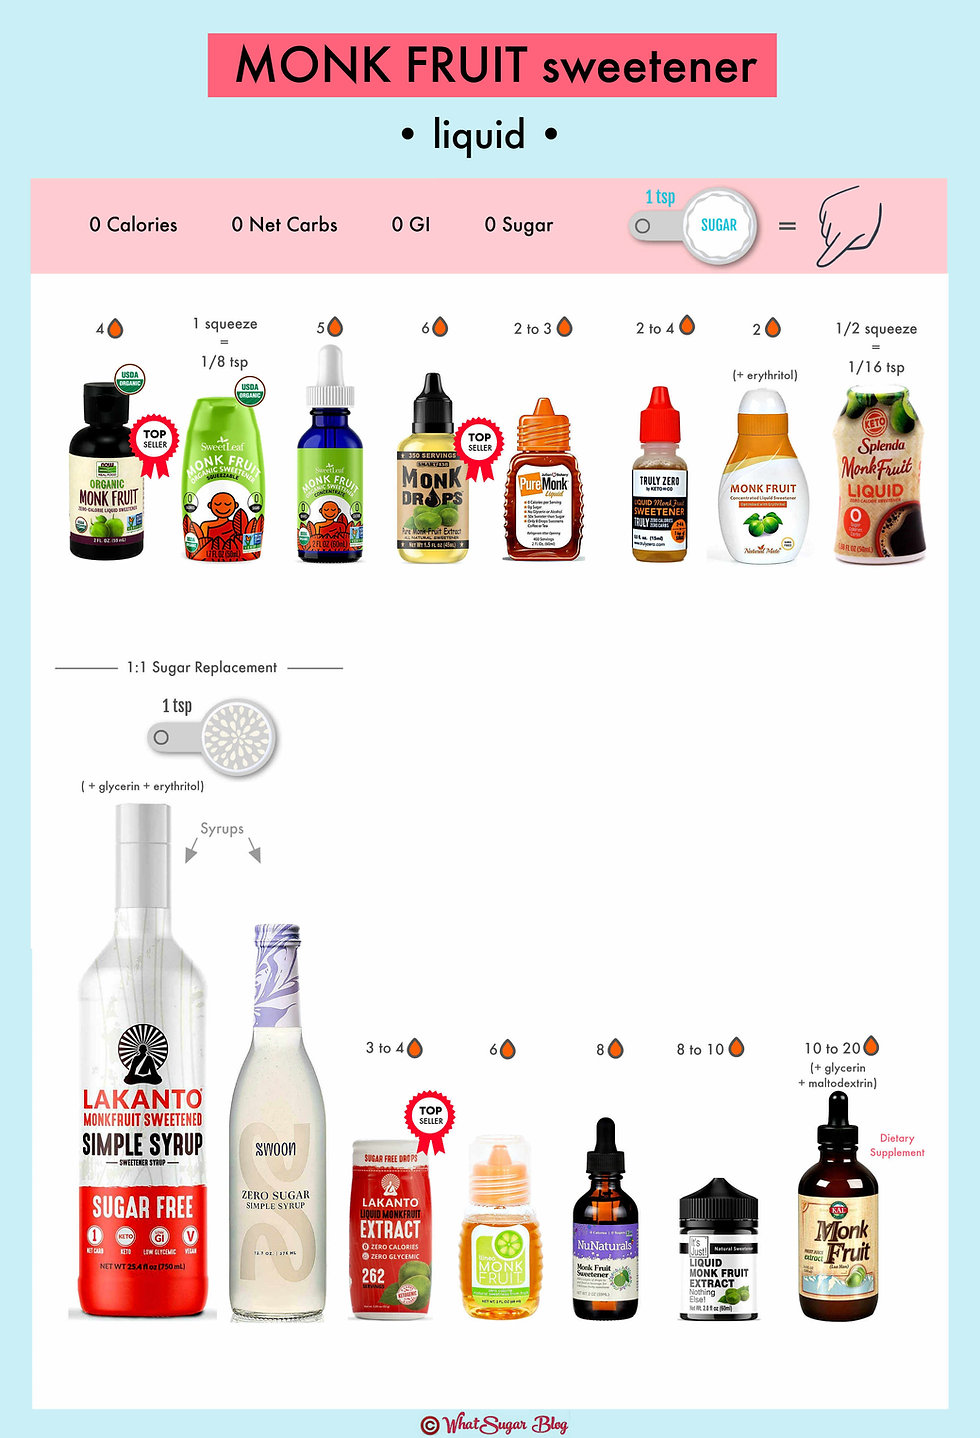 What is liquid monk fruit?